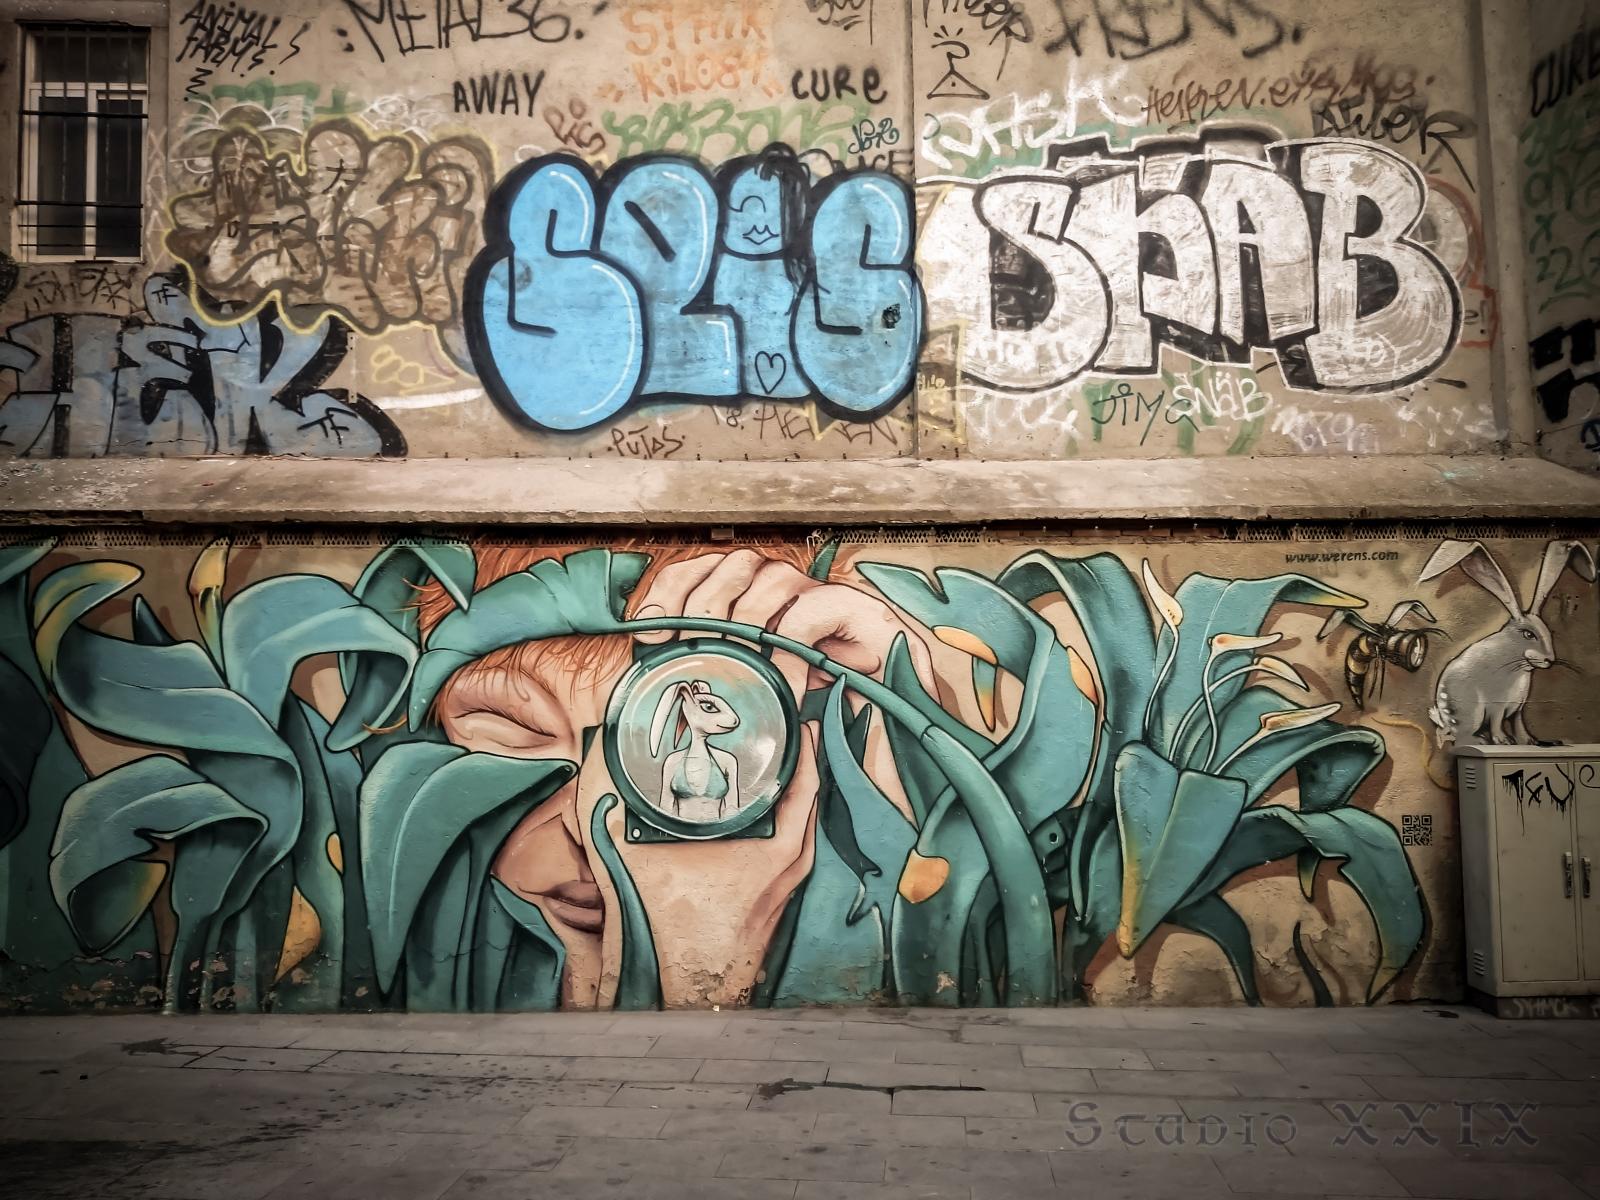 Studio-XXIX_02454